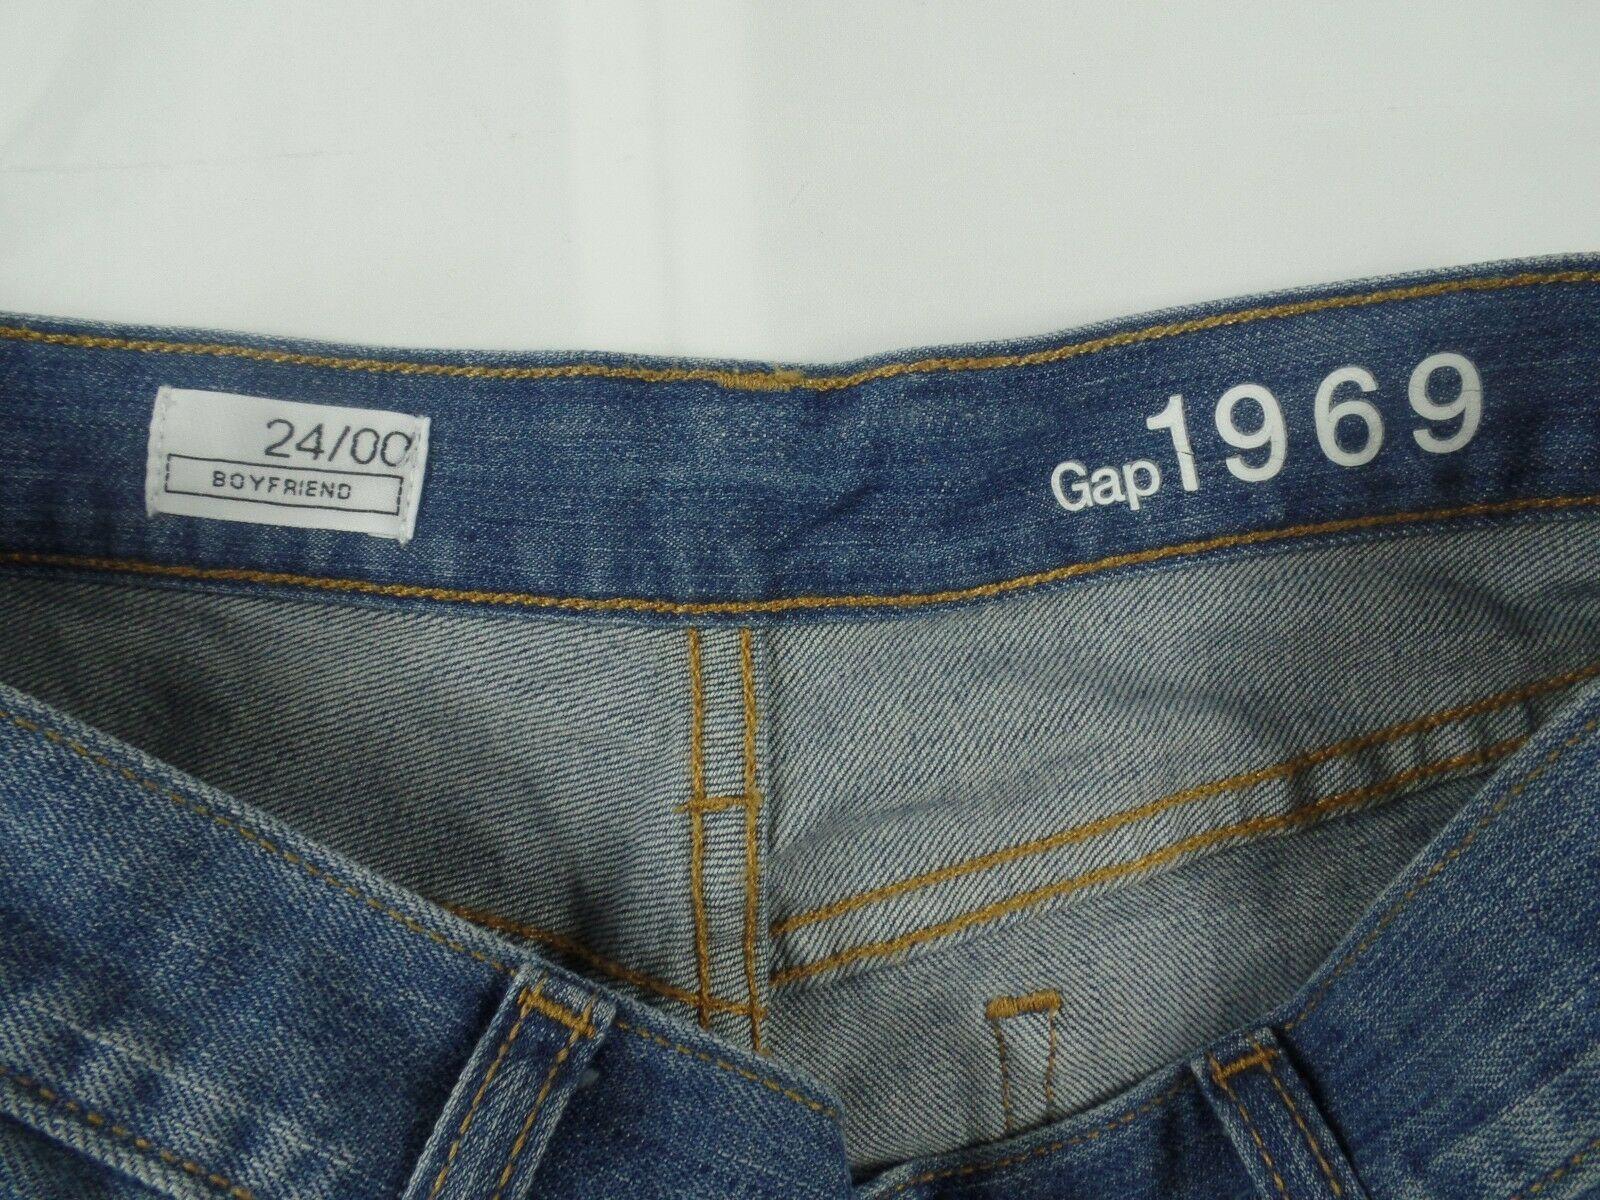 Gap Womens Jean Shorts Size 24 / 00 Boyfriend Stretch Medium Wash Denim